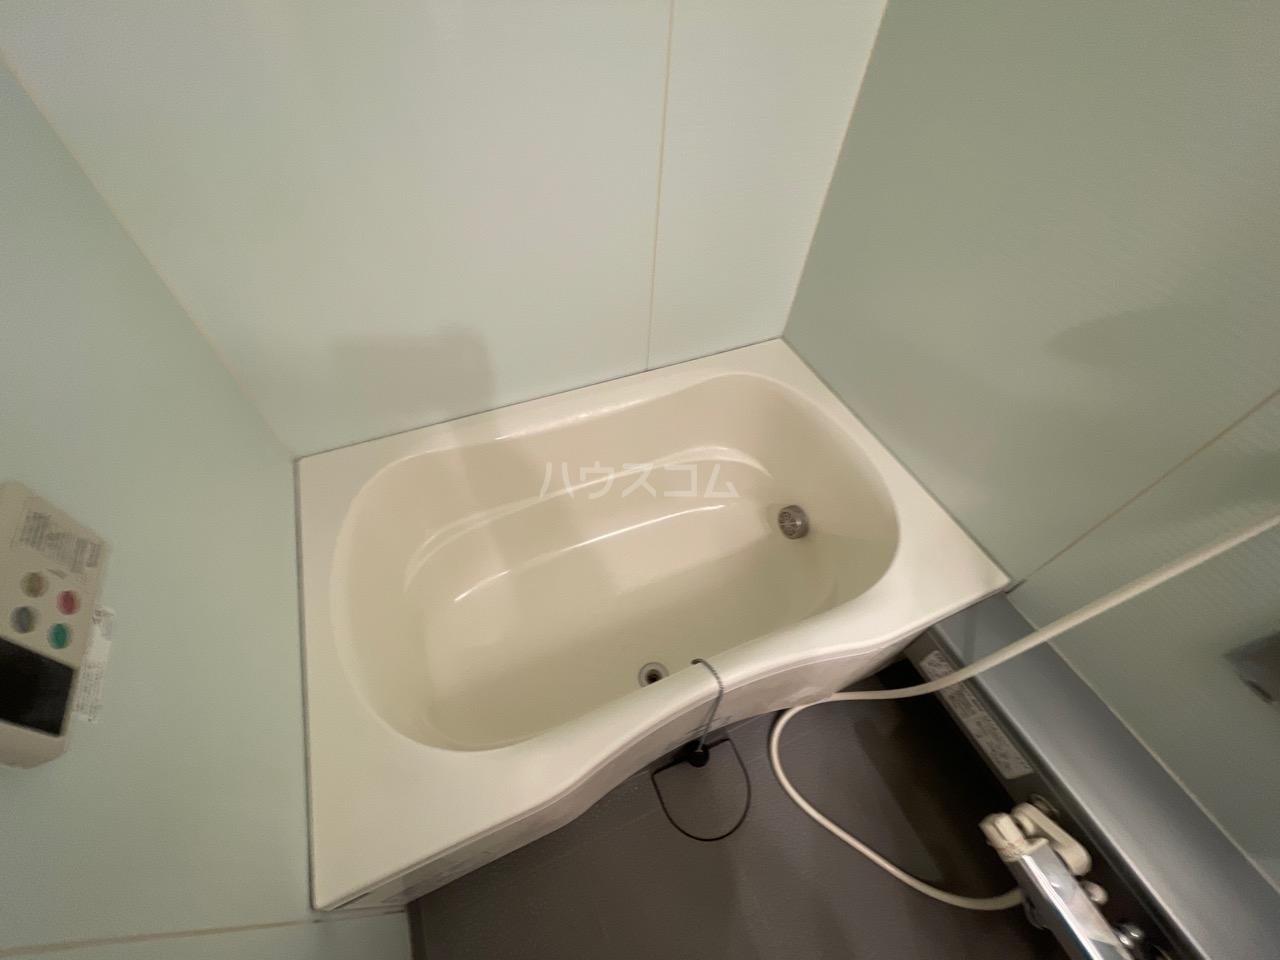 LEON-A 101号室の風呂